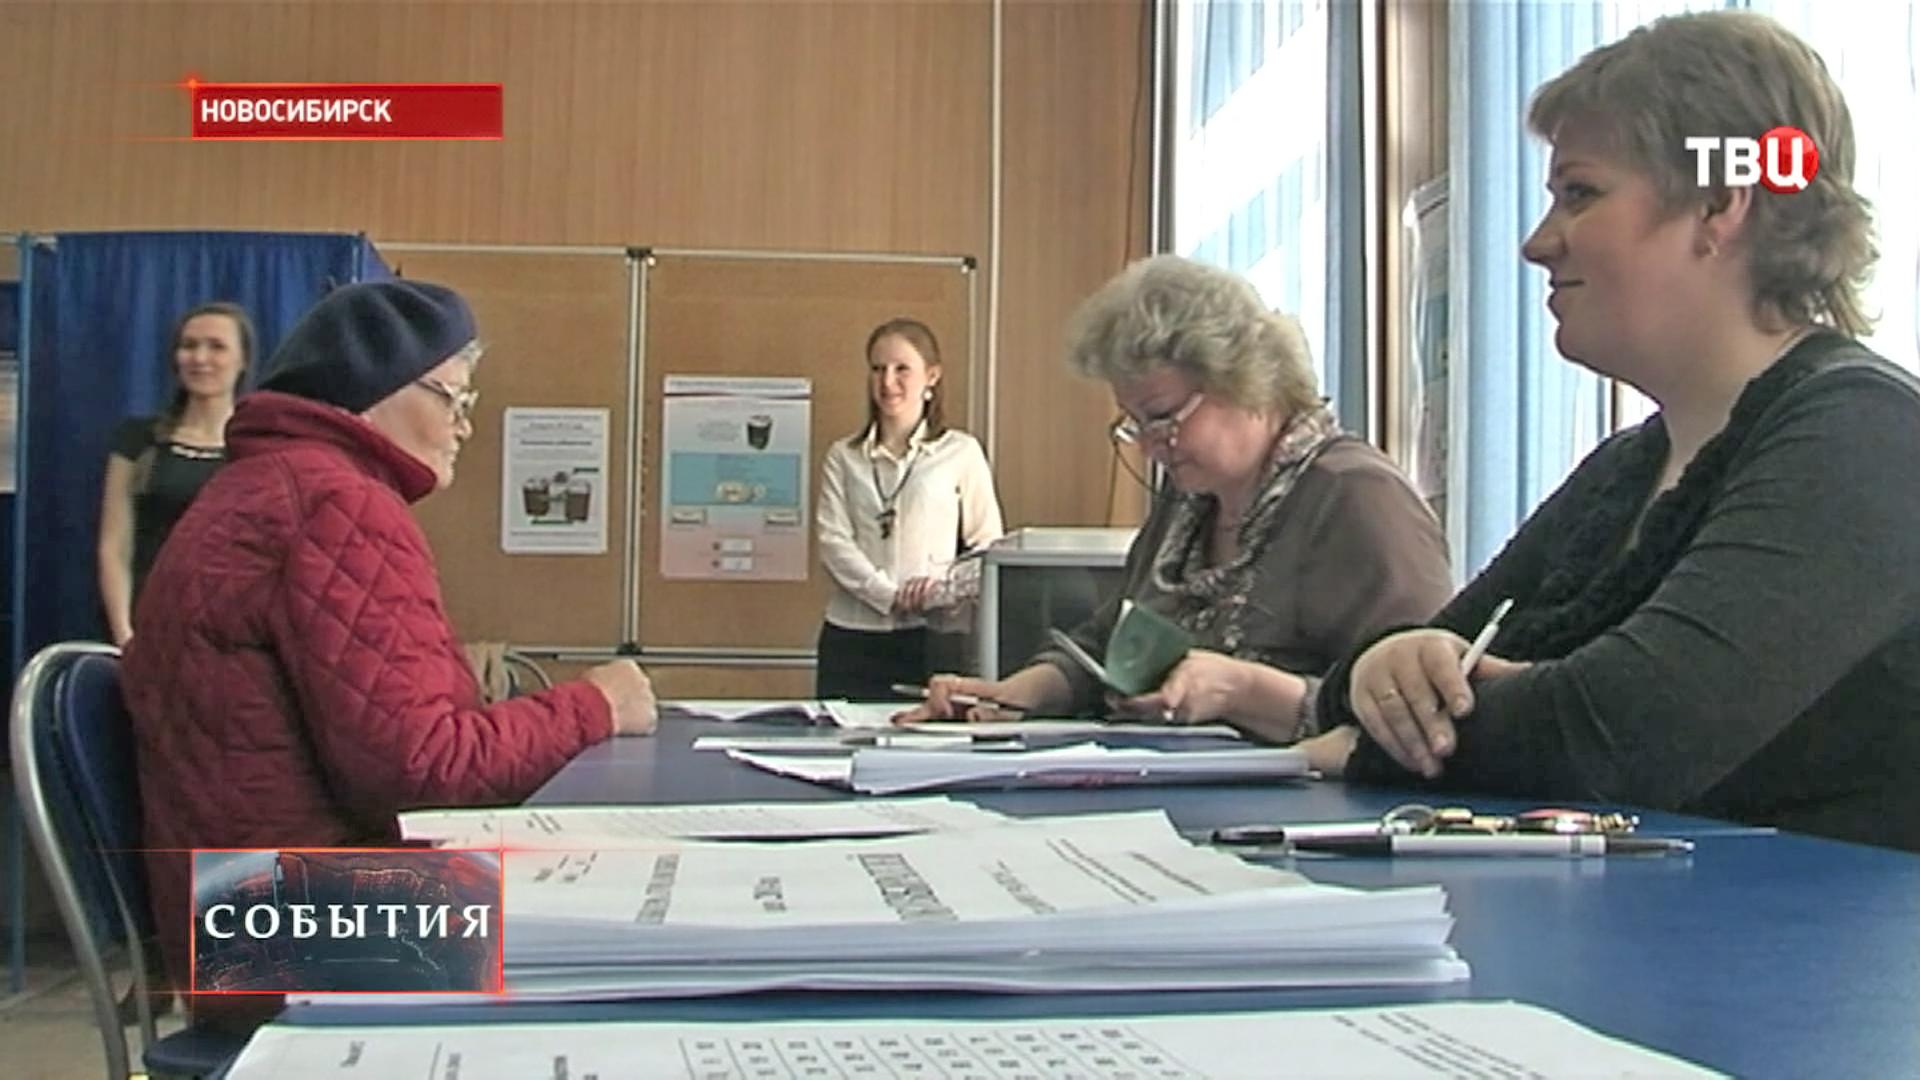 Выборы в Новосибирске